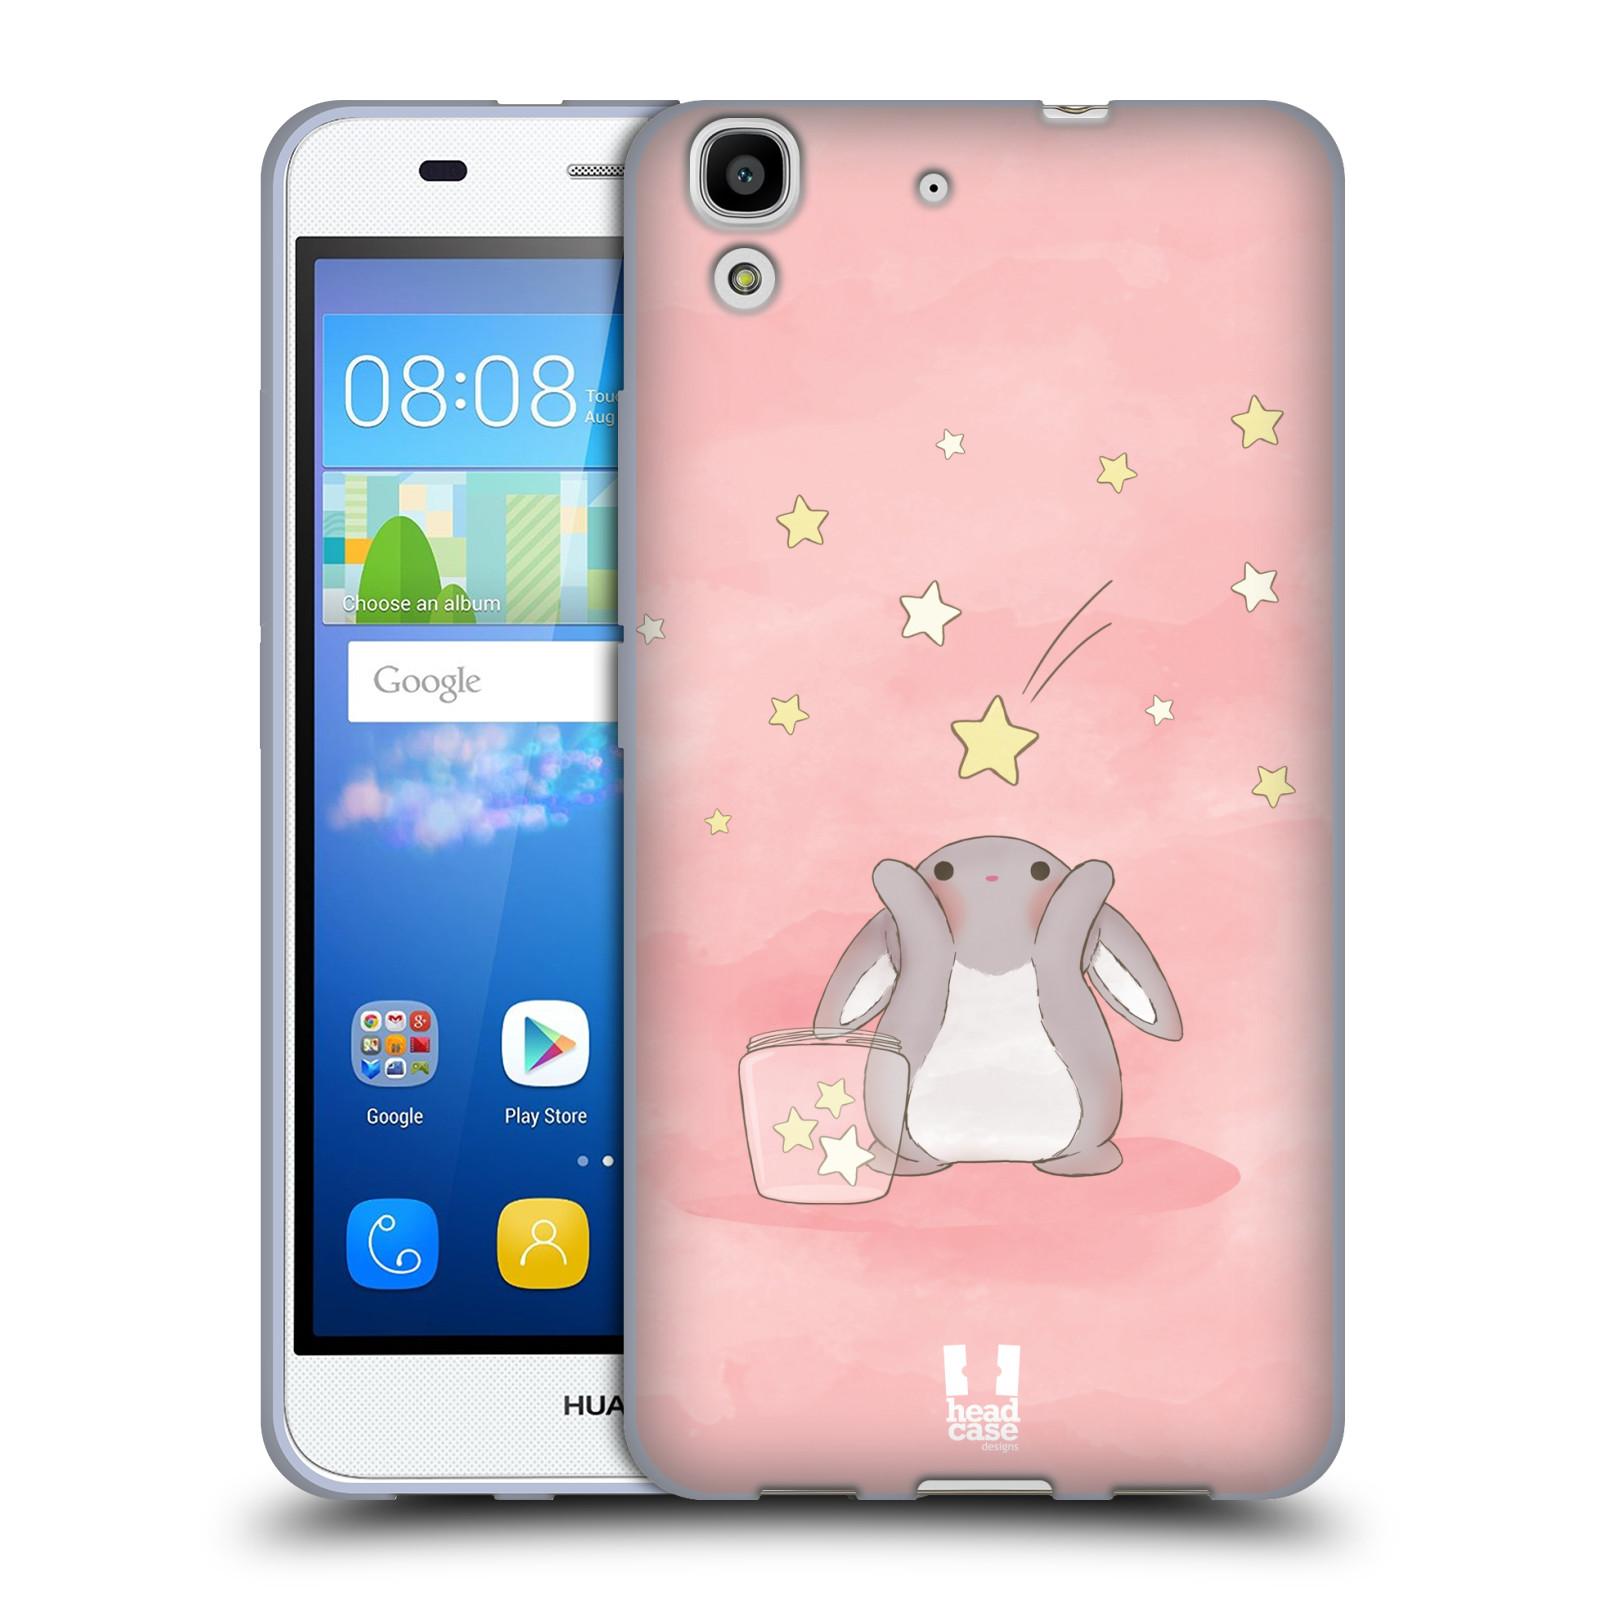 HEAD CASE silikonový obal na mobil HUAWEI Y6 vzor králíček a hvězdy růžová